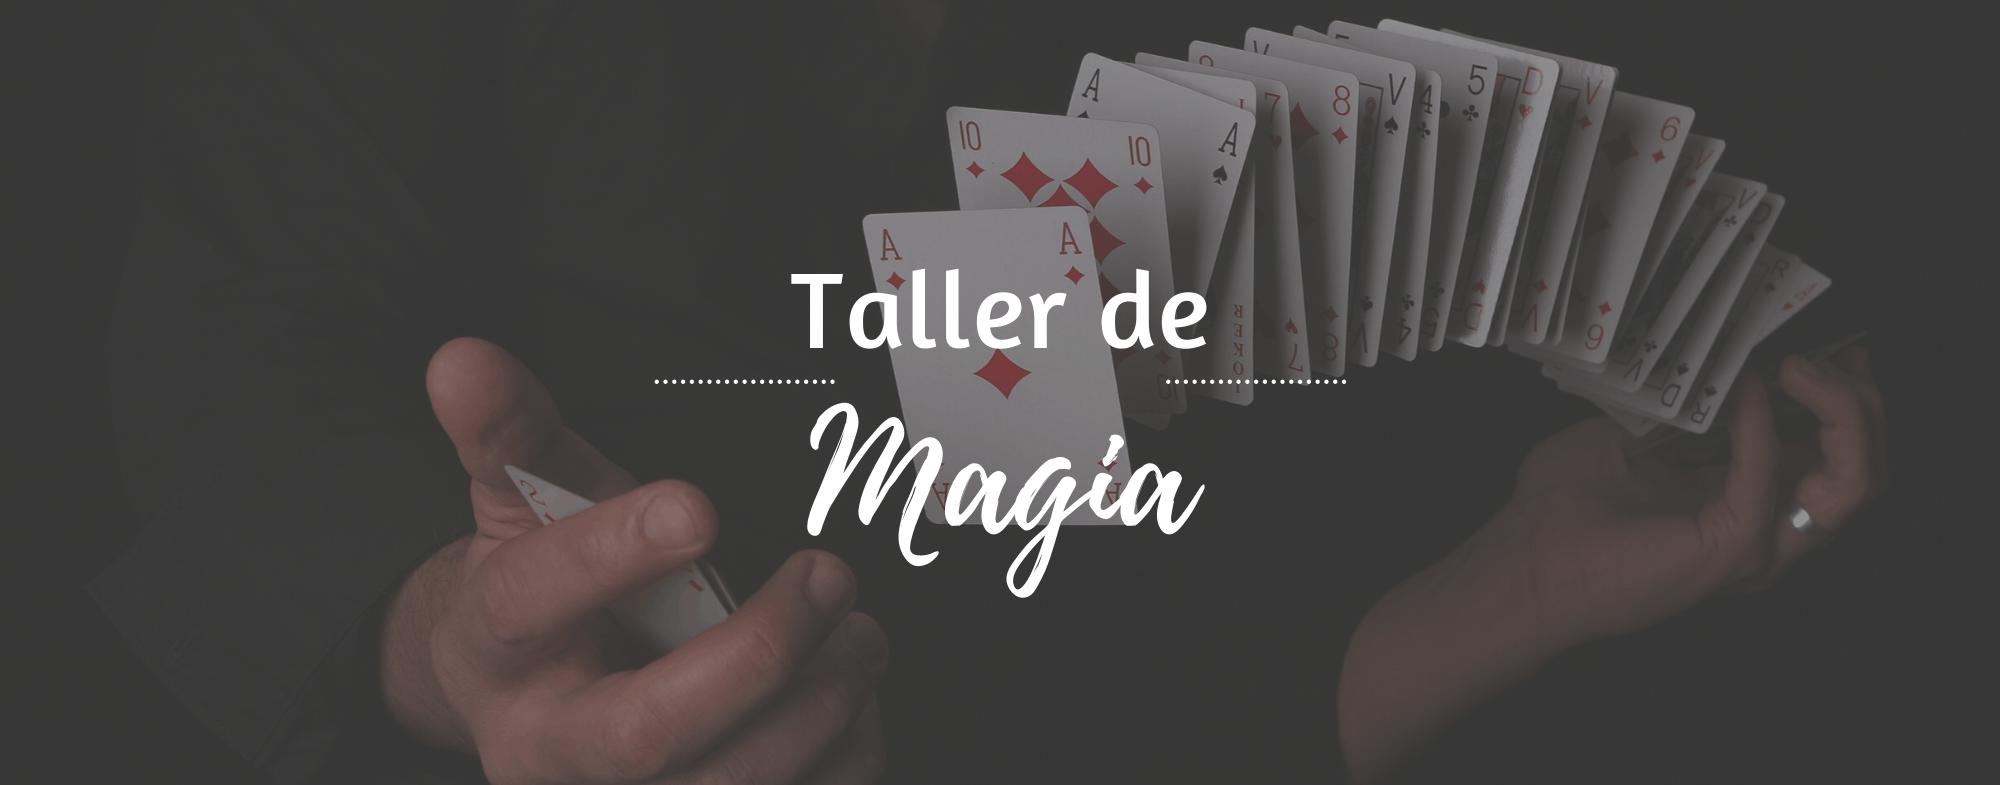 taller-de-magia-para-empresas